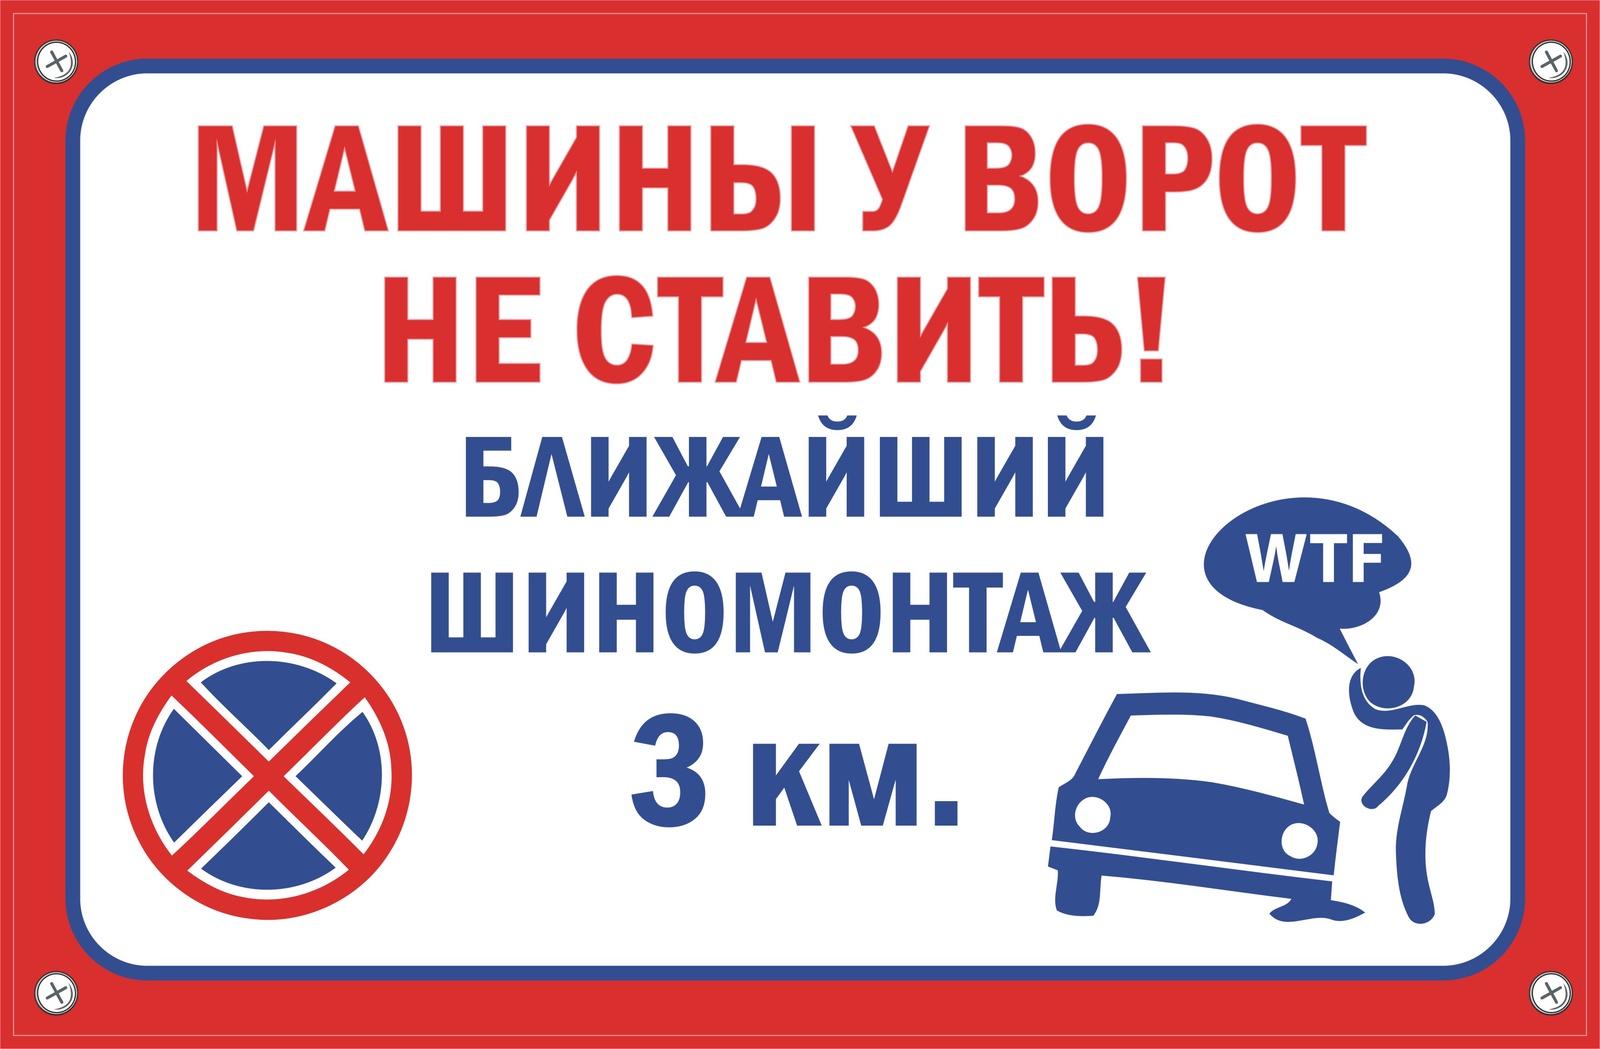 Табличка Mashinokom Машины не ставить TPS 016, красный, белый, 30*19,5 см табличка mashinokom моя территория tpo 006